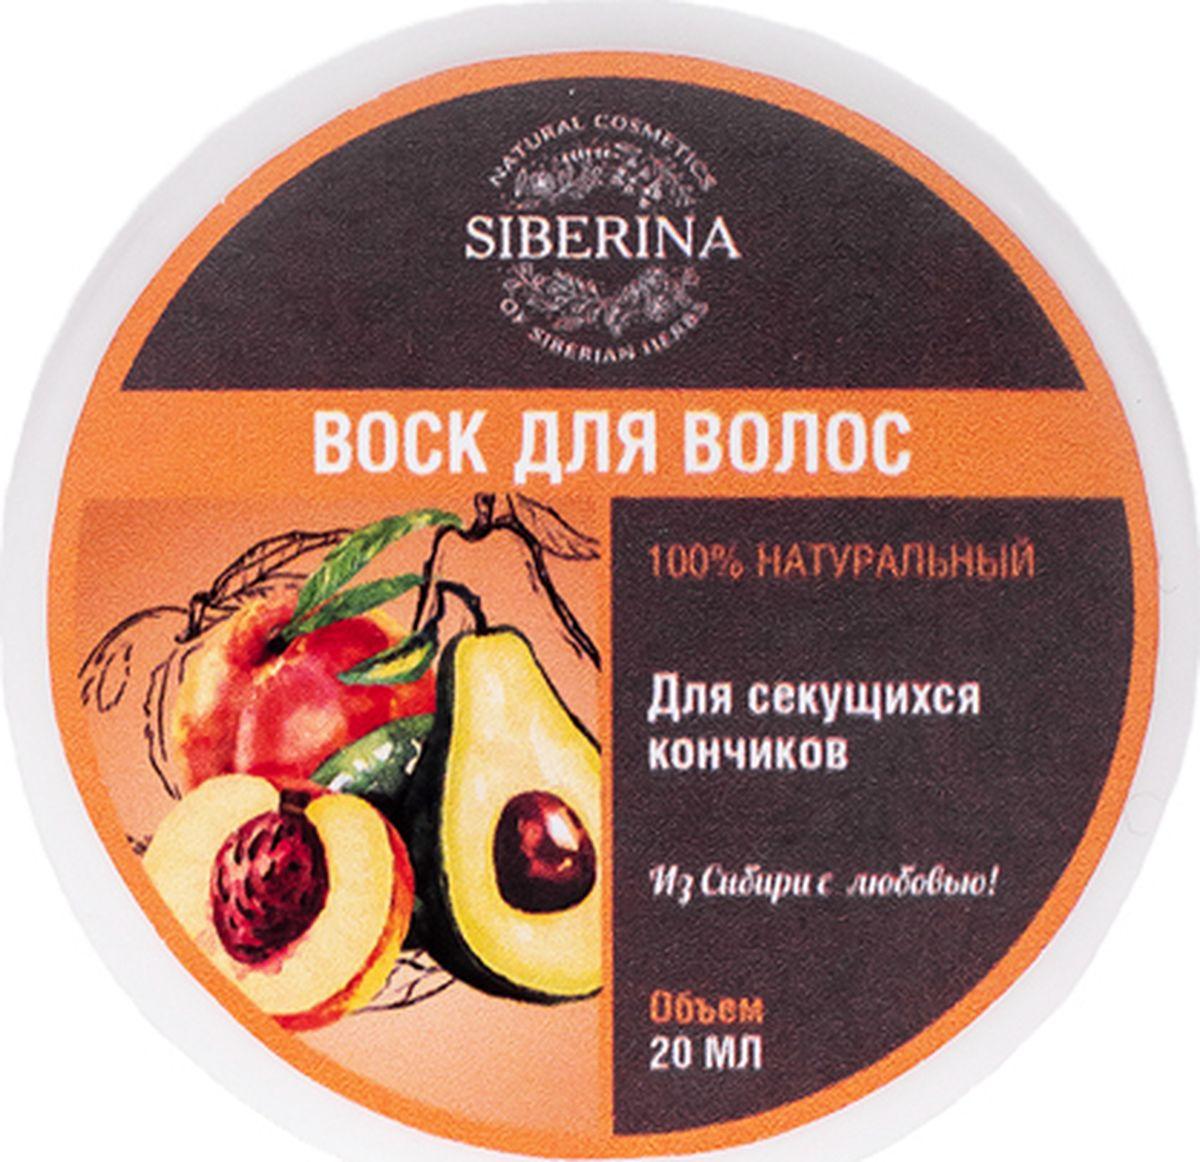 Siberina Воск Для секущихся волос, 25 г011005Восстанавливает ослабленные и поврежденные волосы, устраняет ломкость, возвращает природный блеск.